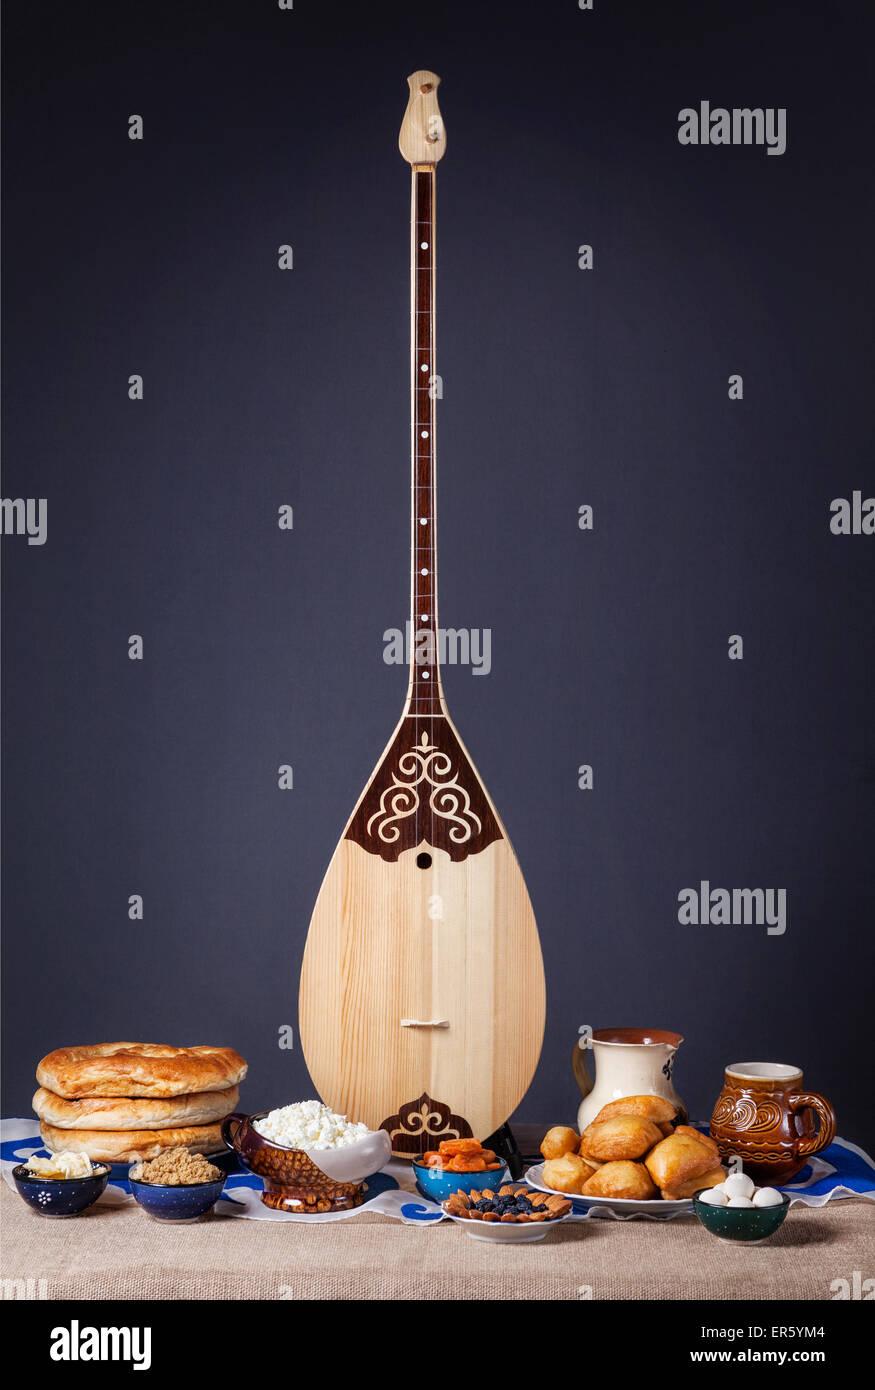 Dombra instrumento kazajo y platos asiáticos en la mesa de fondo gris Imagen De Stock